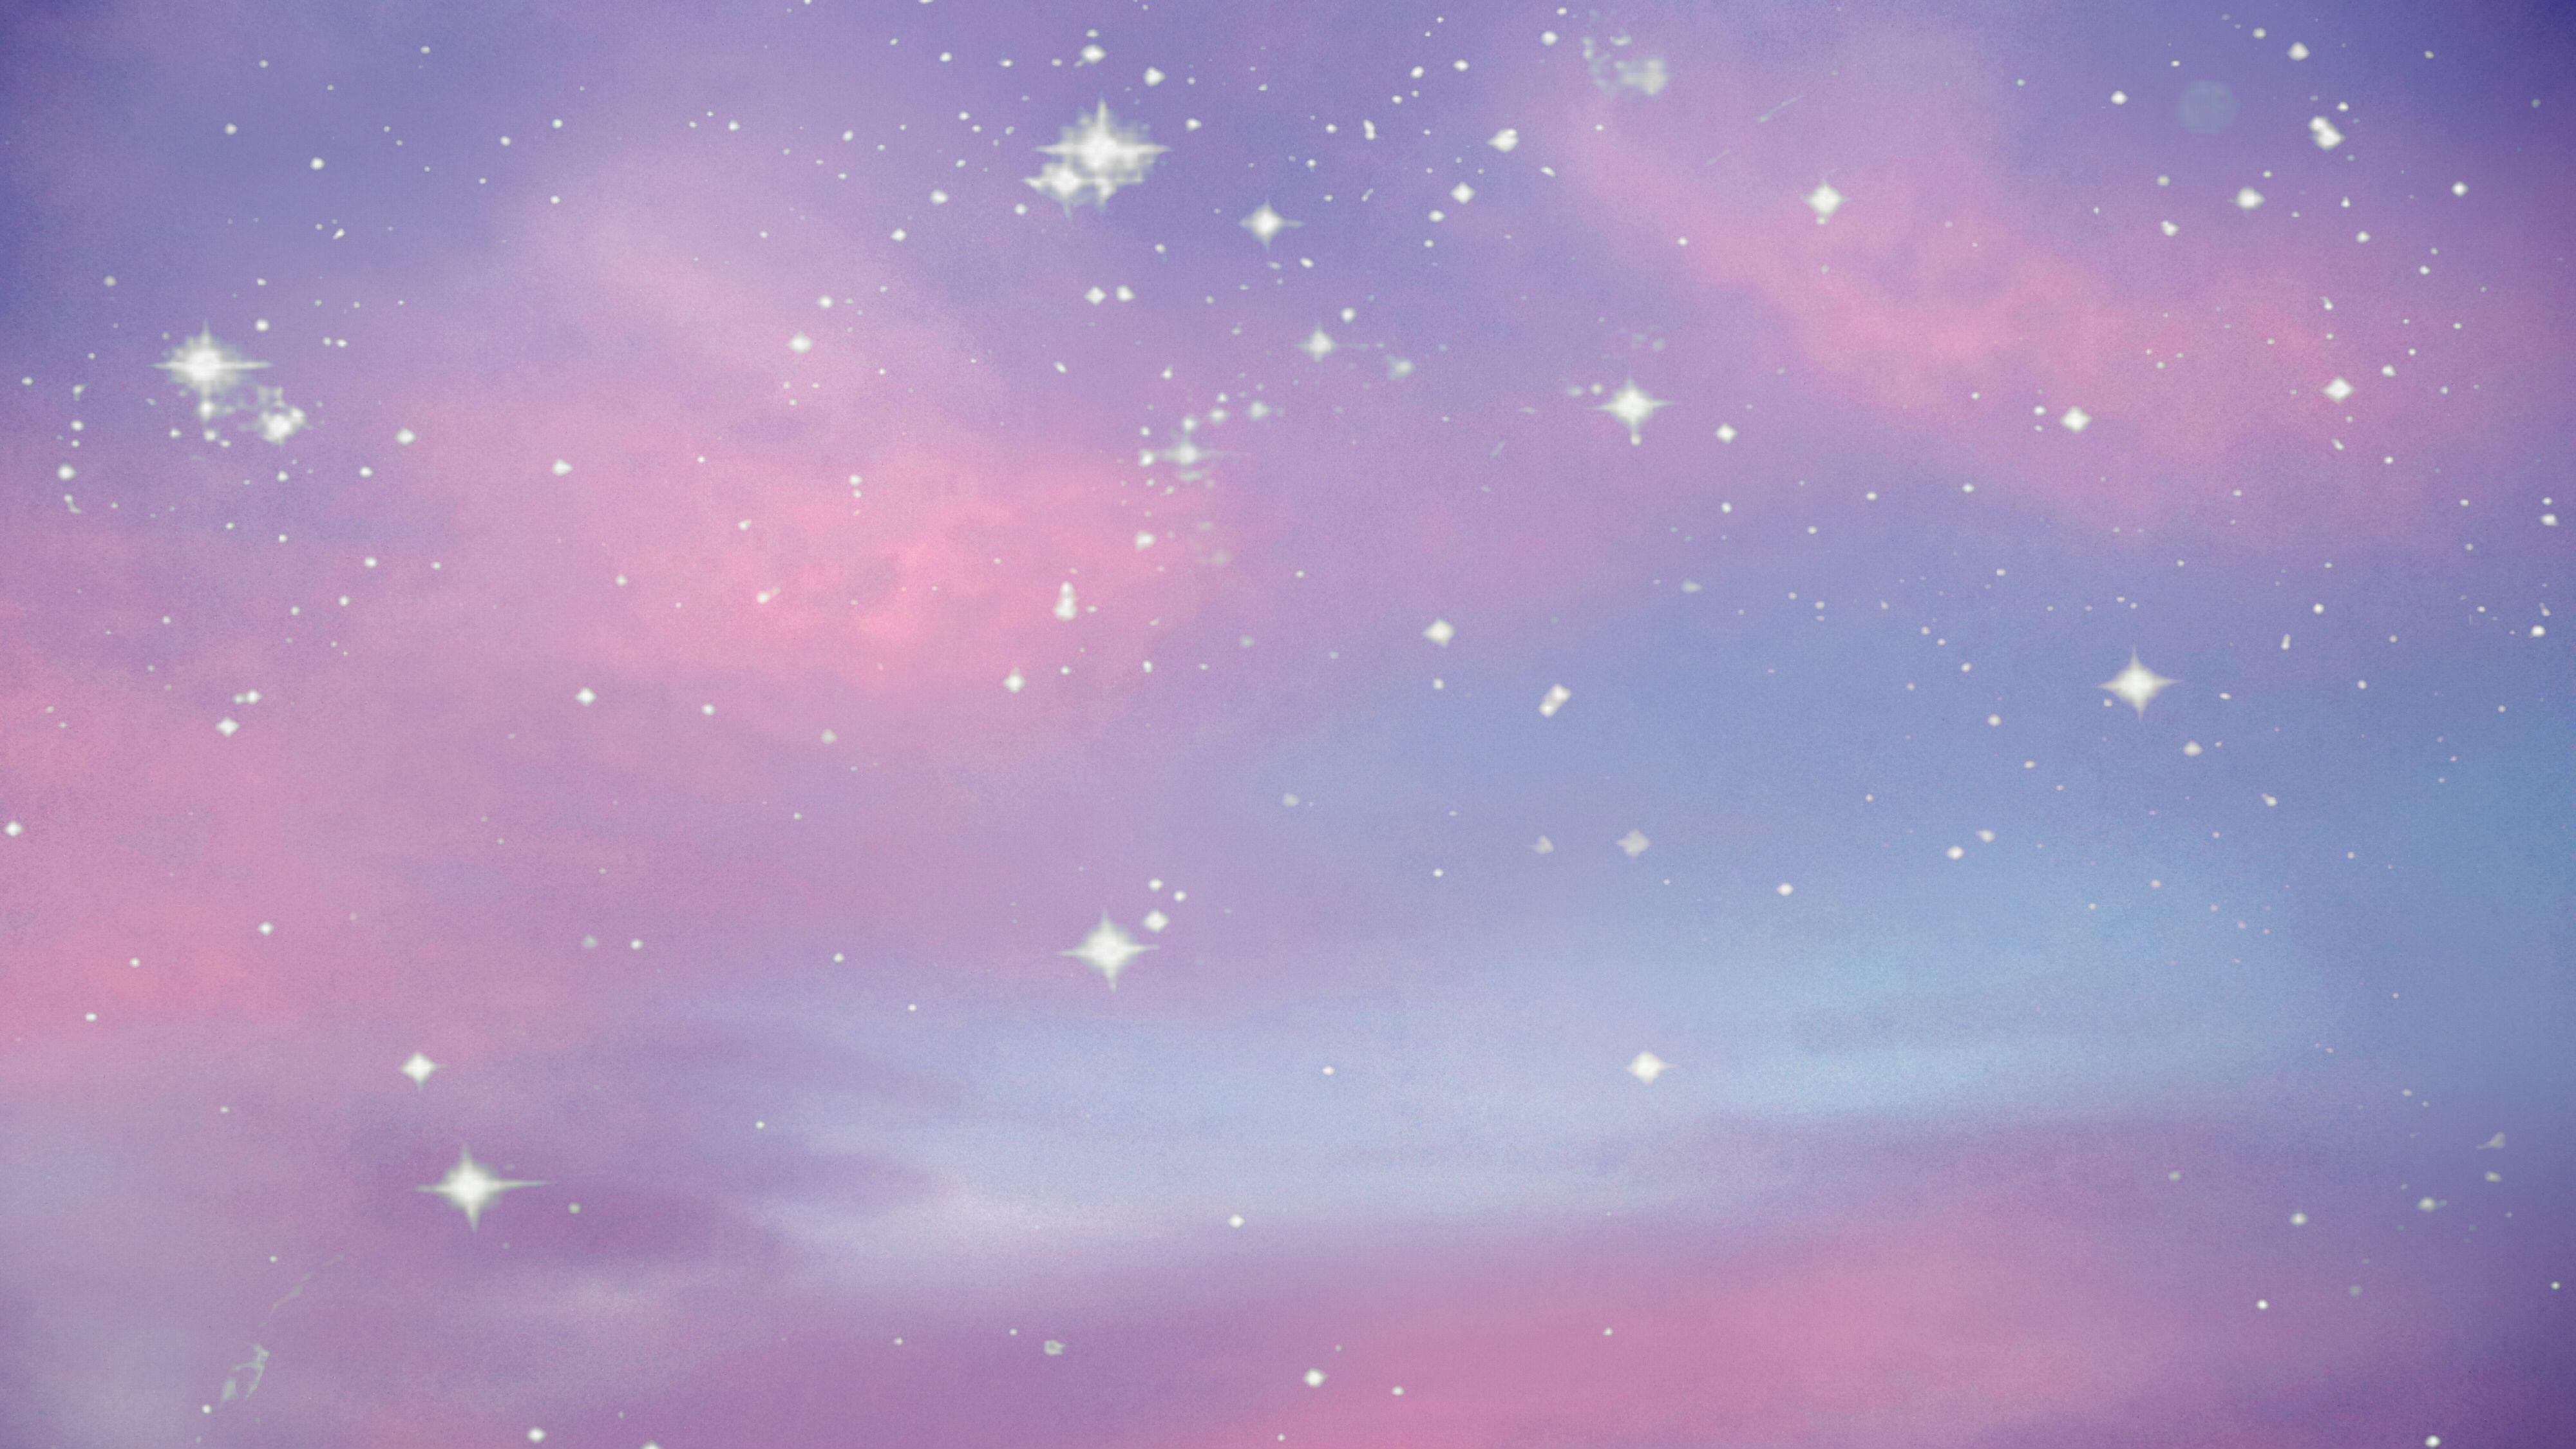 Magical clouds Aesthetic desktop wallpaper, Aesthetic